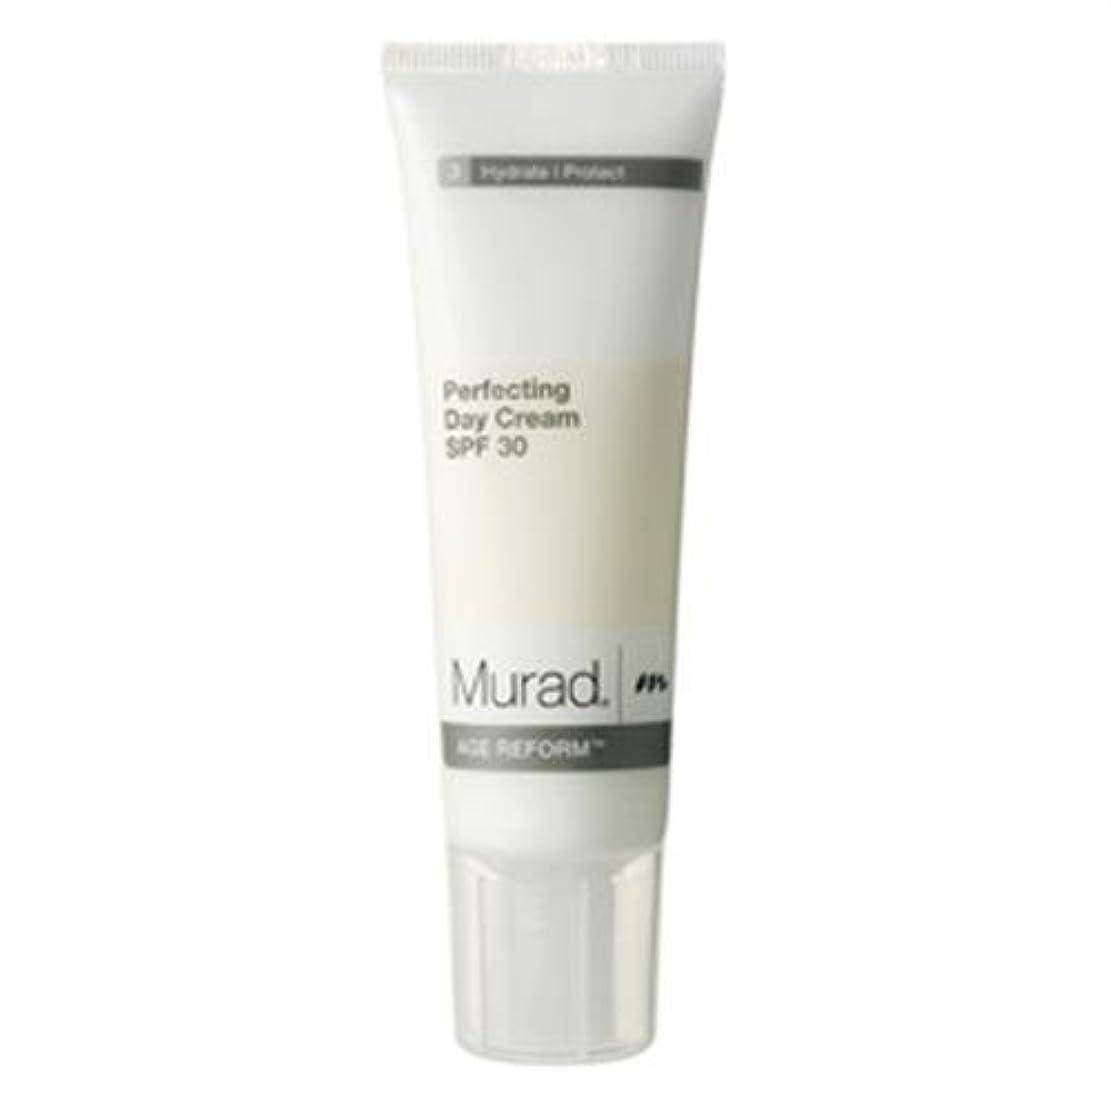 ショッキング起点放射能ミュラド Perfecting Day Cream SPF30 - Dry/Sensitive Skin (Exp. Date 03/2020) 50ml/1.7oz並行輸入品